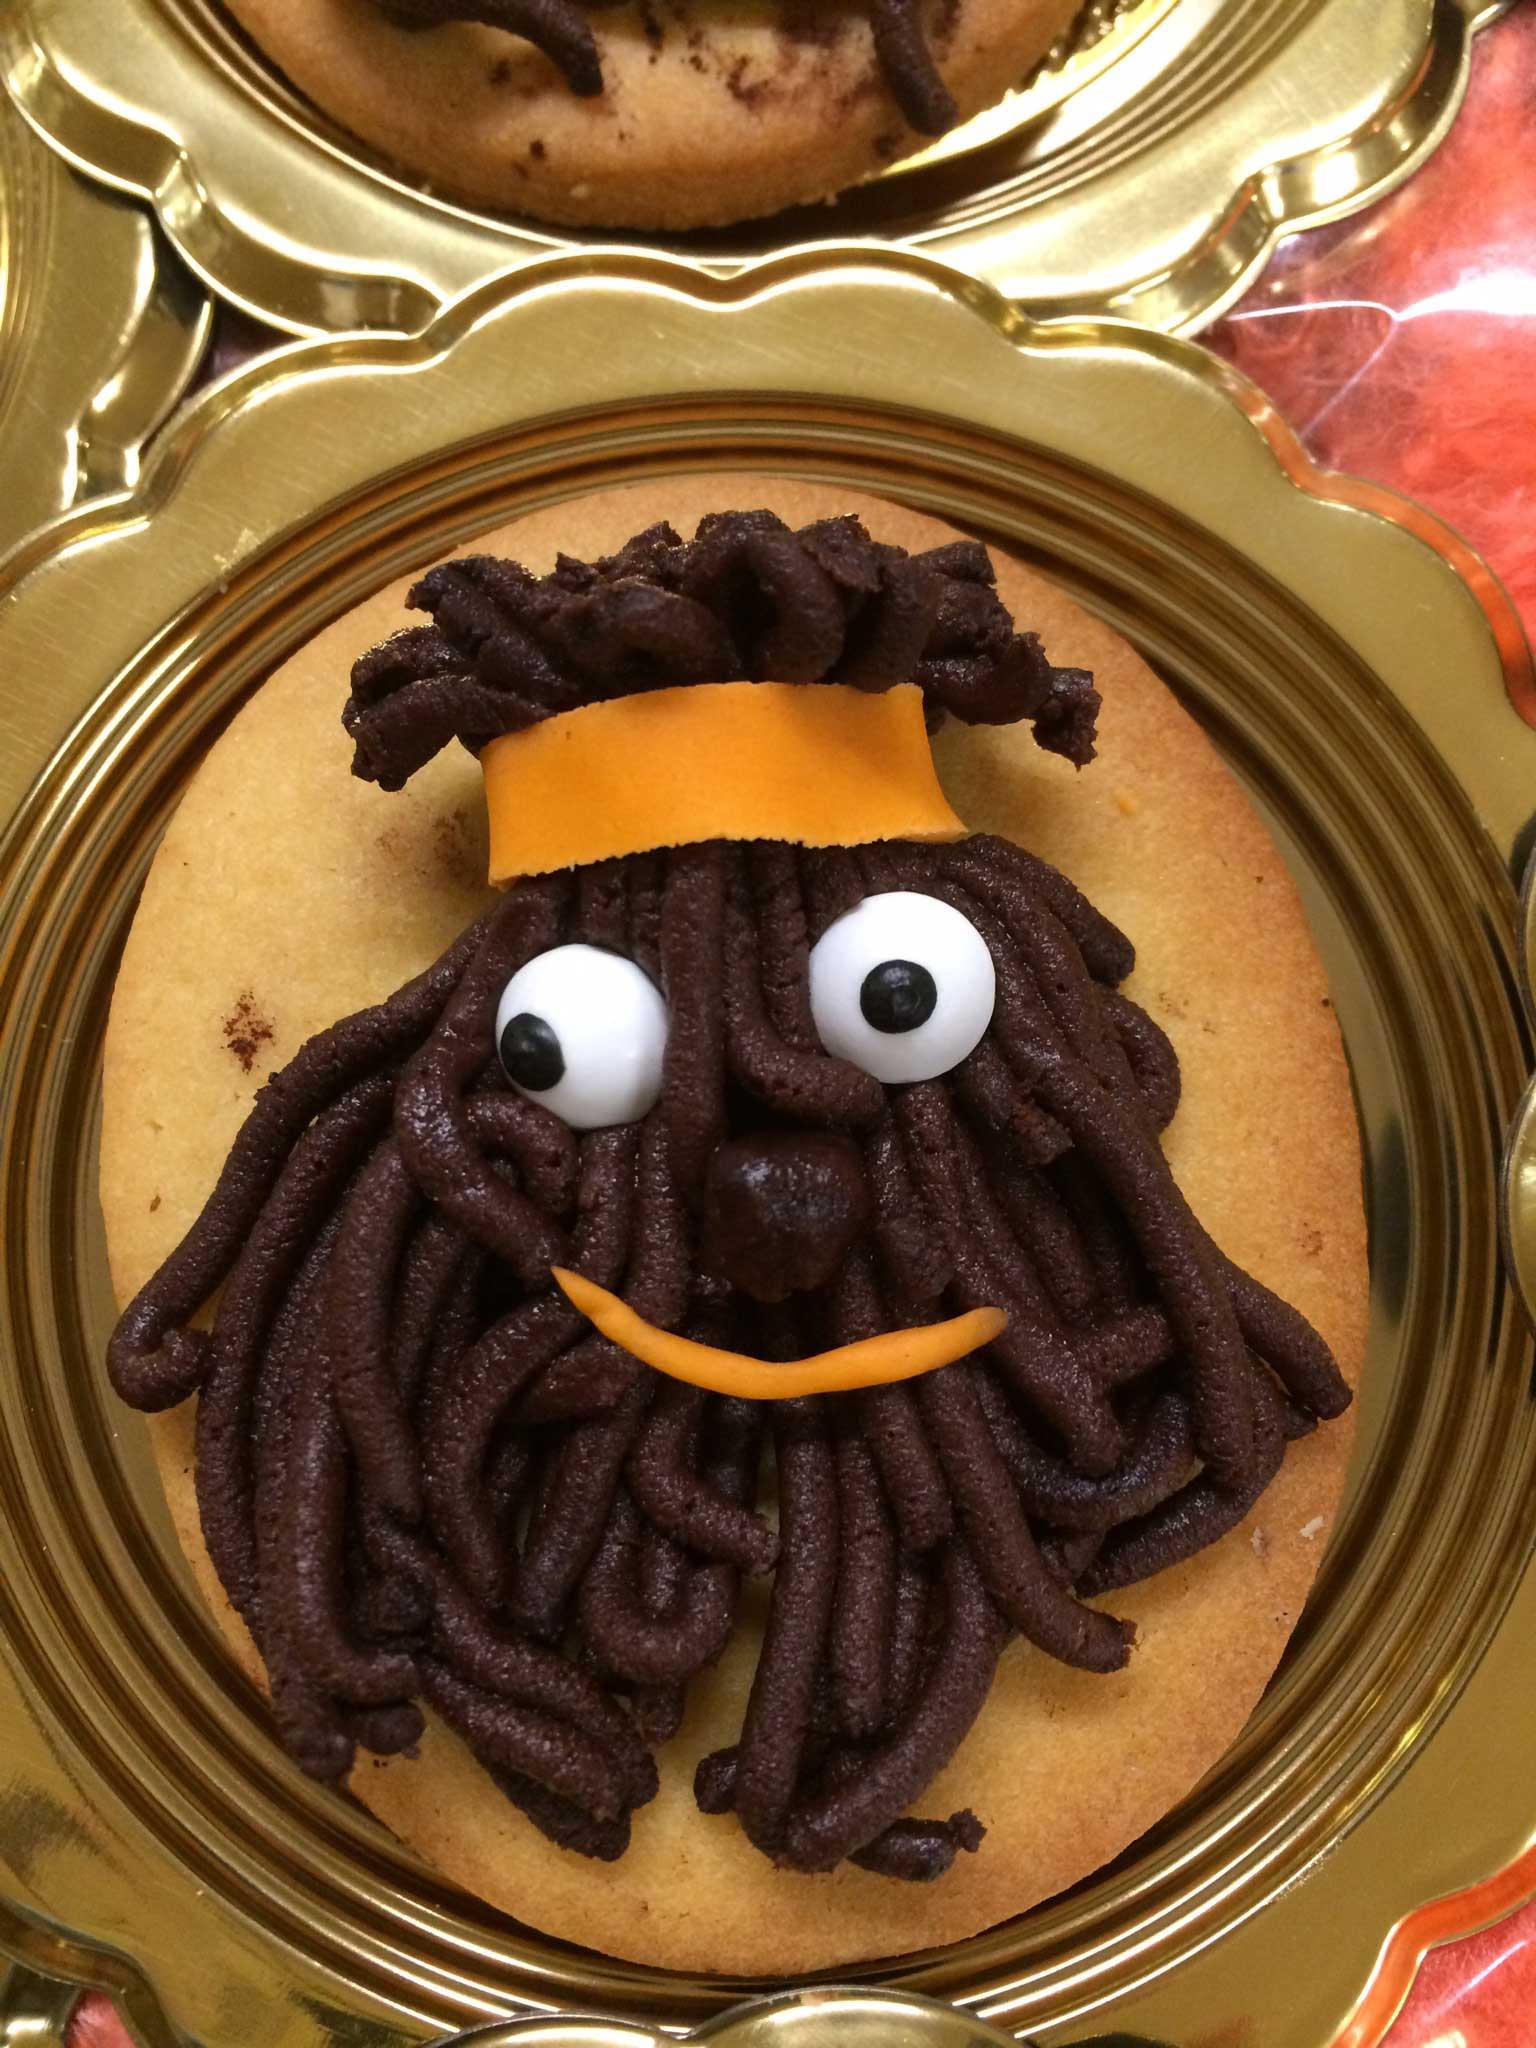 torta creativa con la rappresentazione di un uomo africano